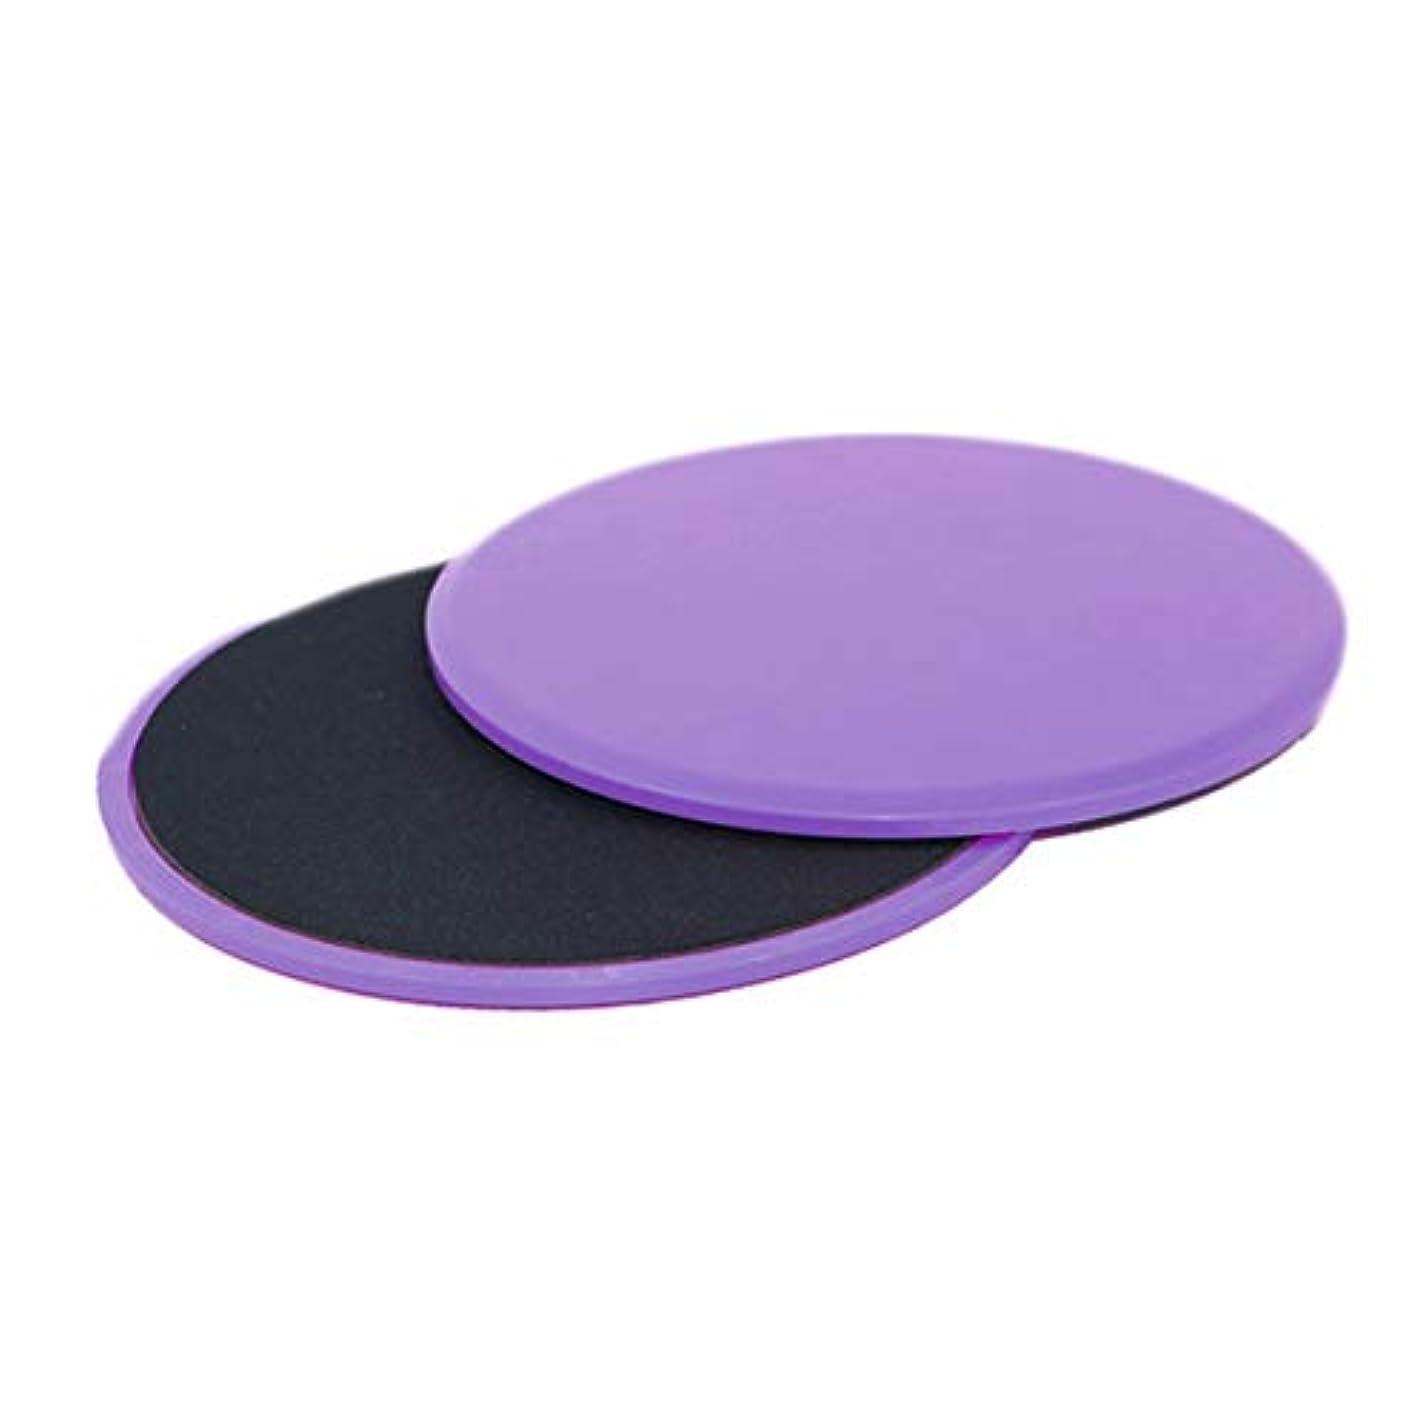 ユーモラス復活家族フィットネススライドグライディングディスク調整能力フィットネスエクササイズスライダーコアトレーニング腹部と全身トレーニング - パープル